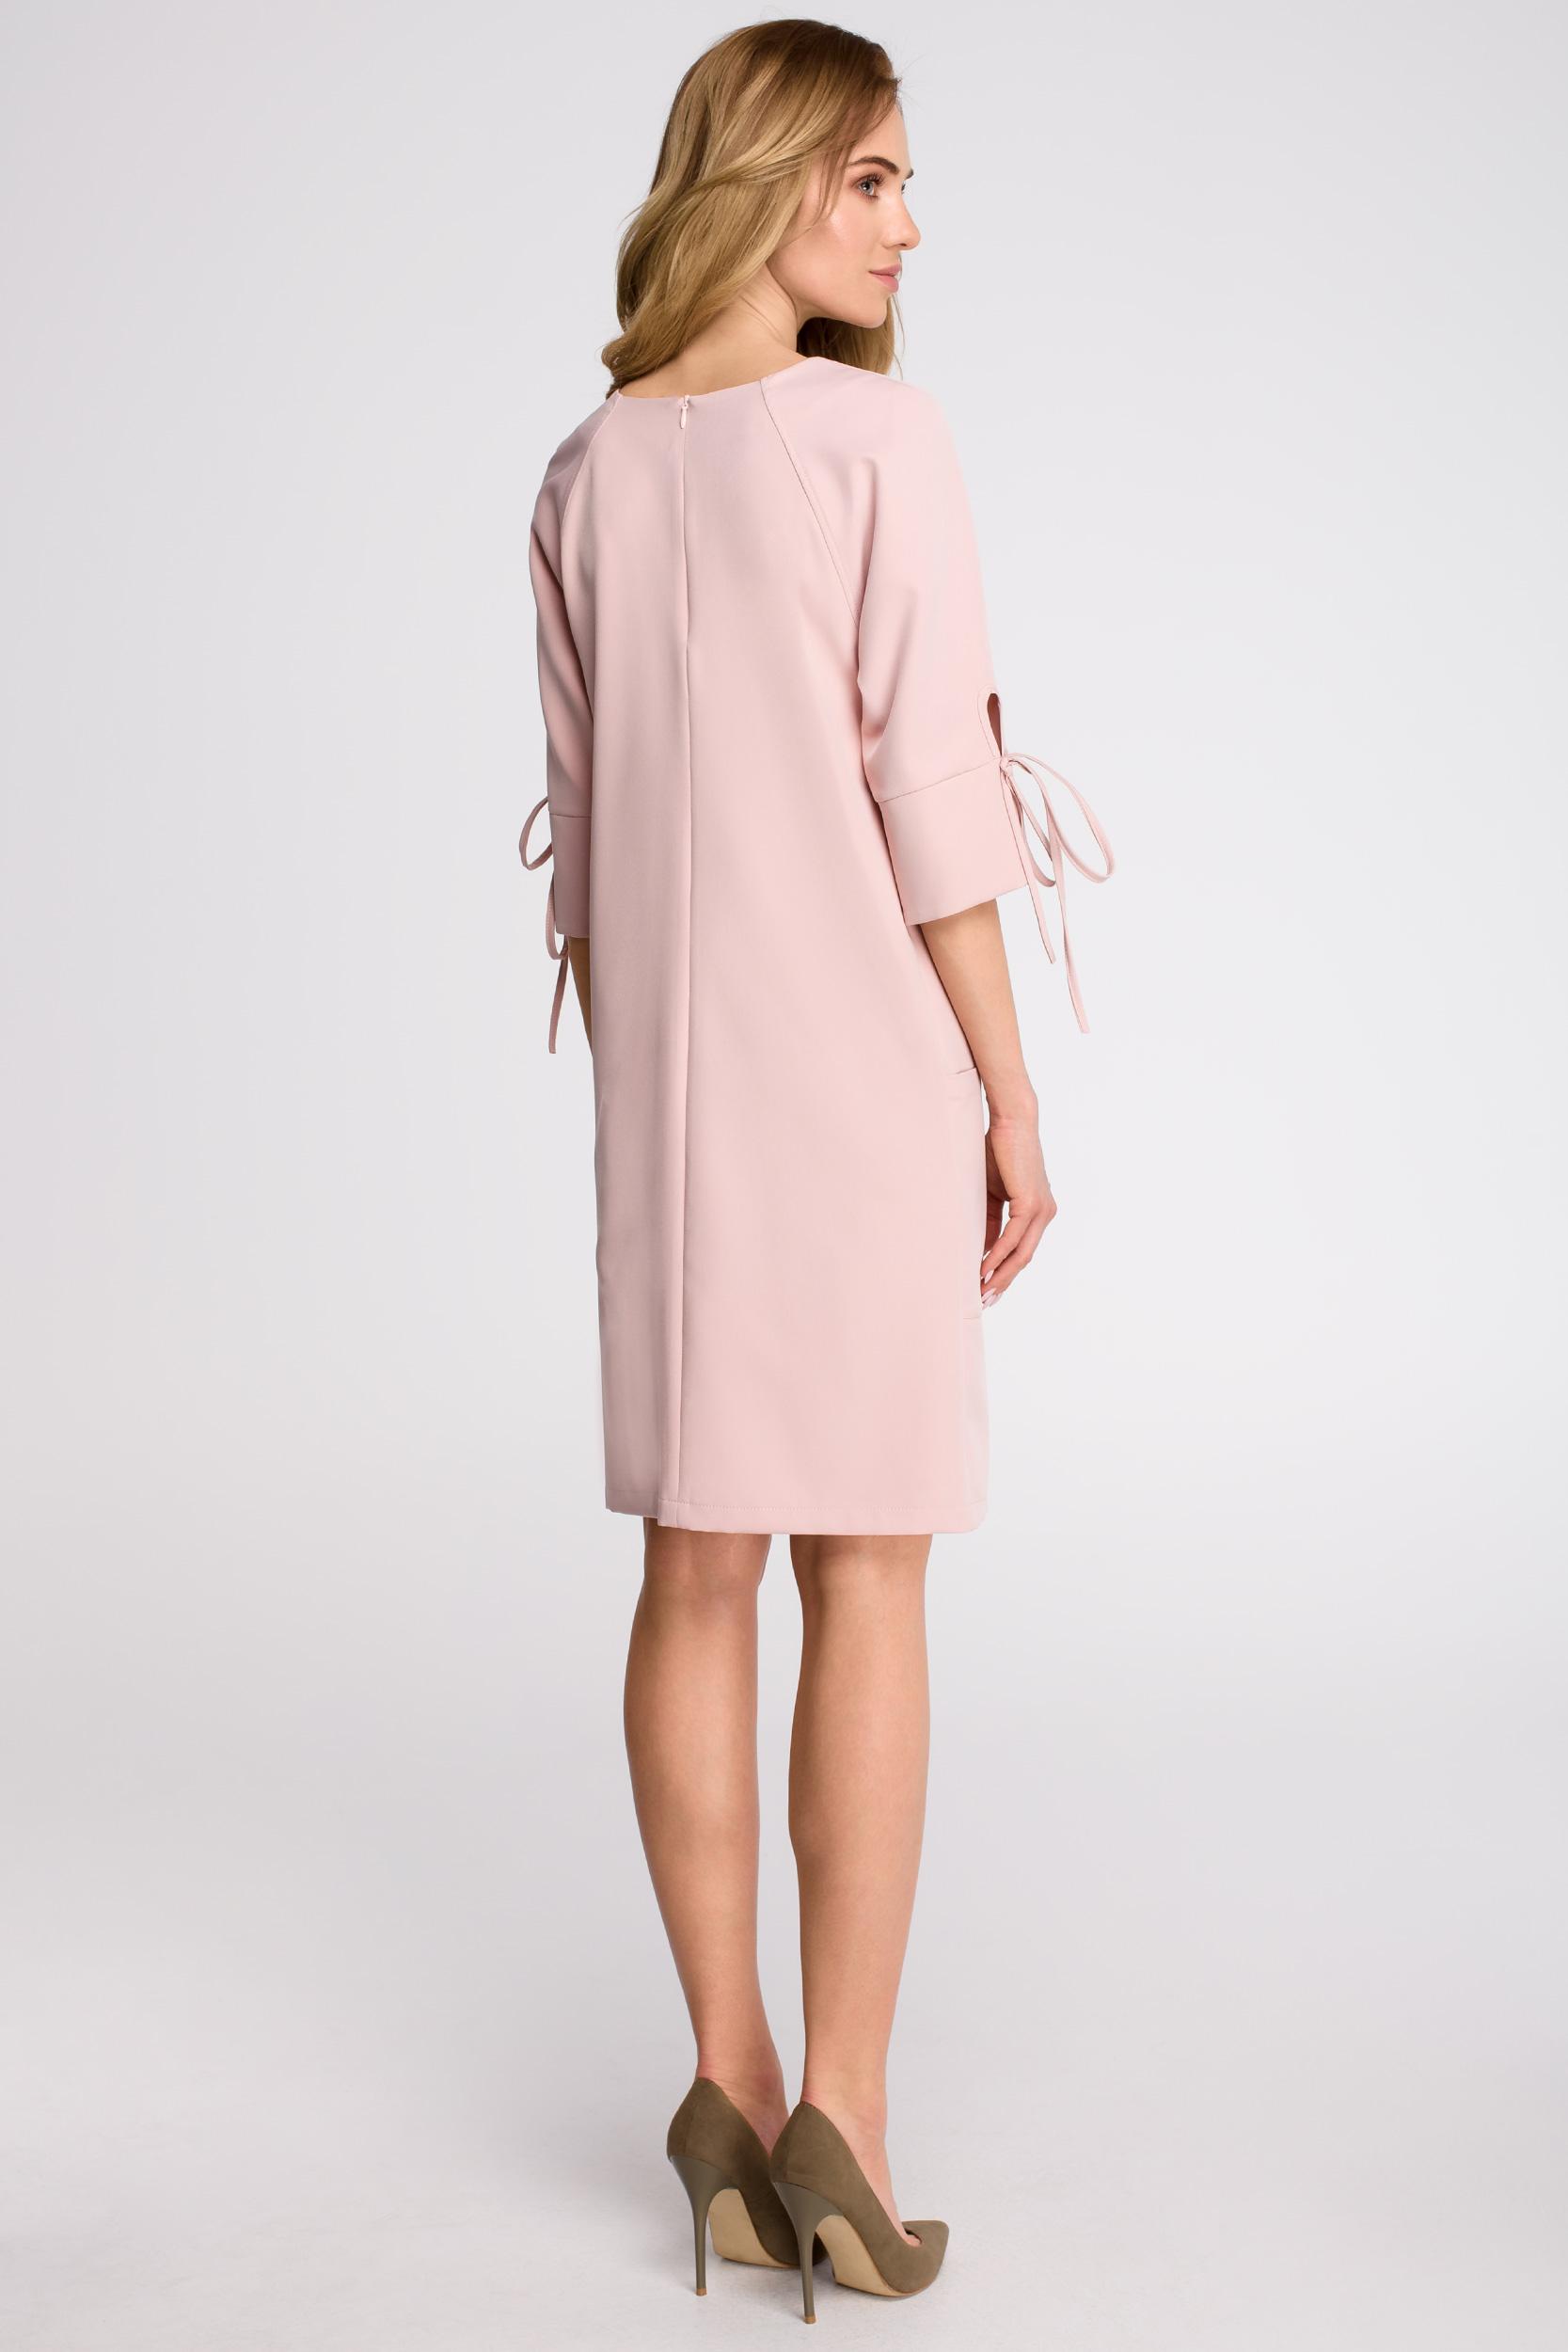 CM3627 Sukienka z kieszeniami i wiązaniem przy rękawach - pudrowa